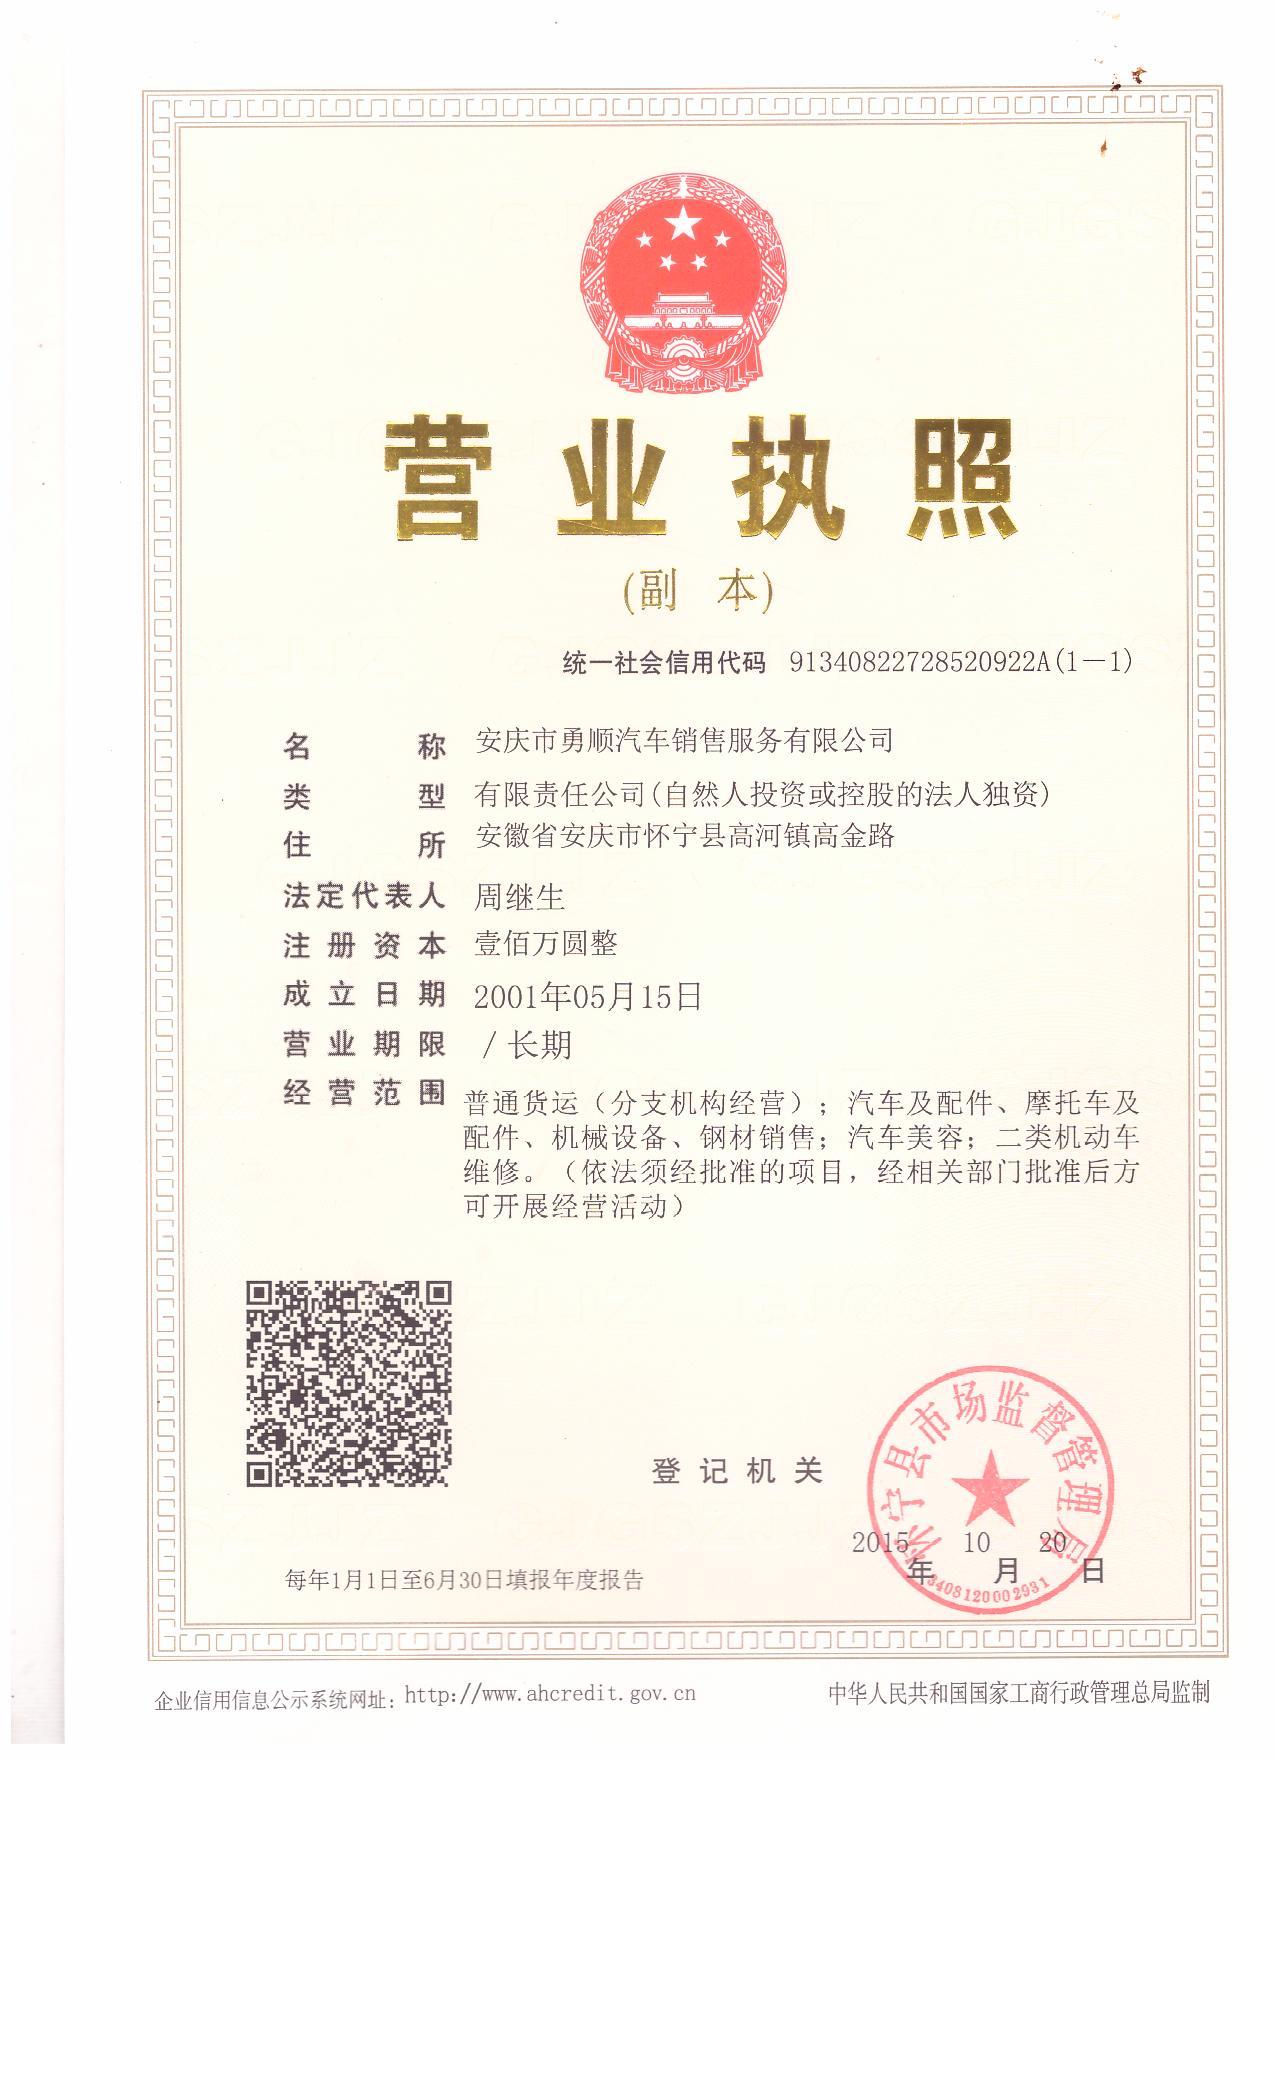 安庆市勇顺汽车销售服务有限公司